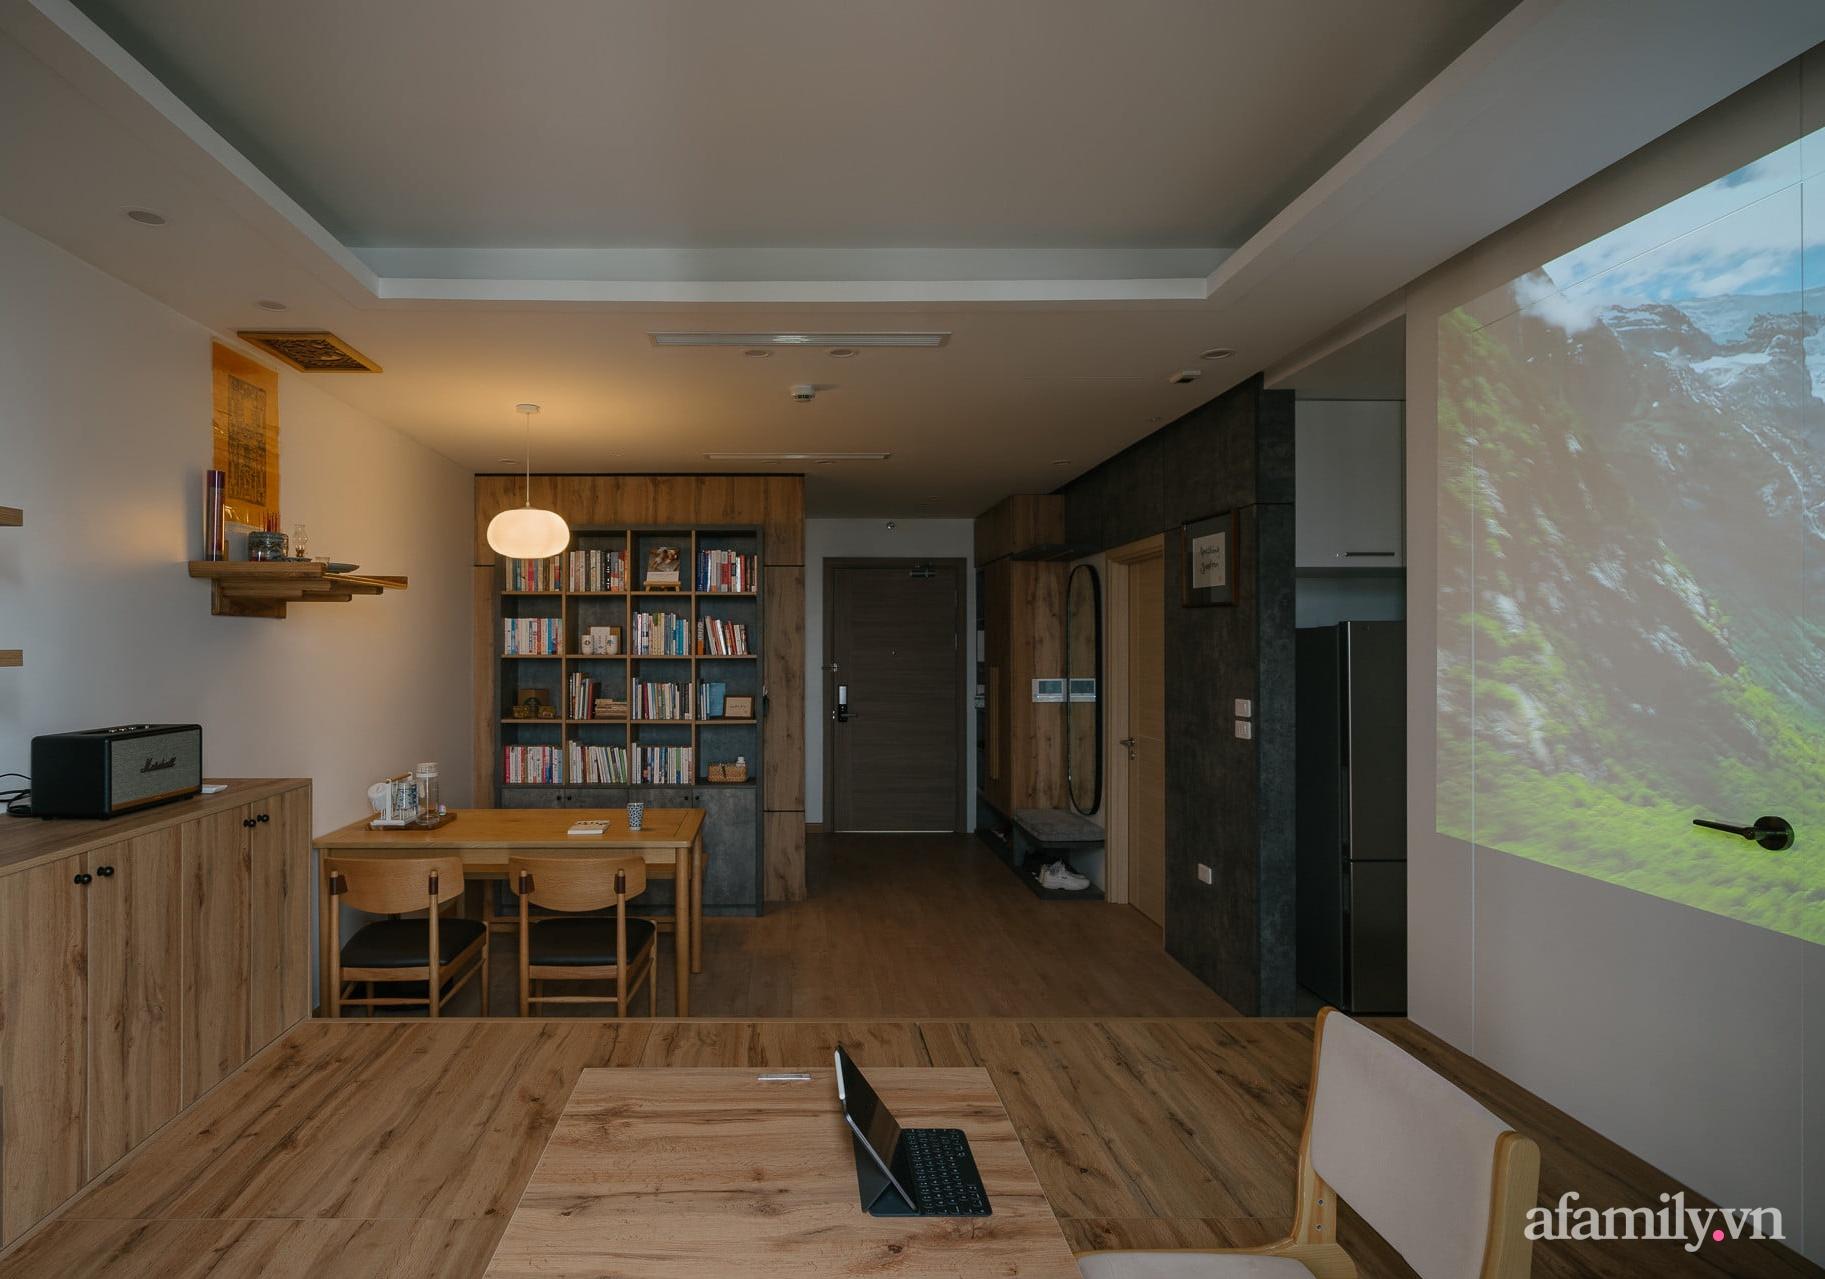 Sau 27 ngày cải tạo, chàng trai không nhận ra căn hộ 90m² của mình vì góc nào cũng xinh ở Giảng Võ, Hà Nội - Ảnh 3.